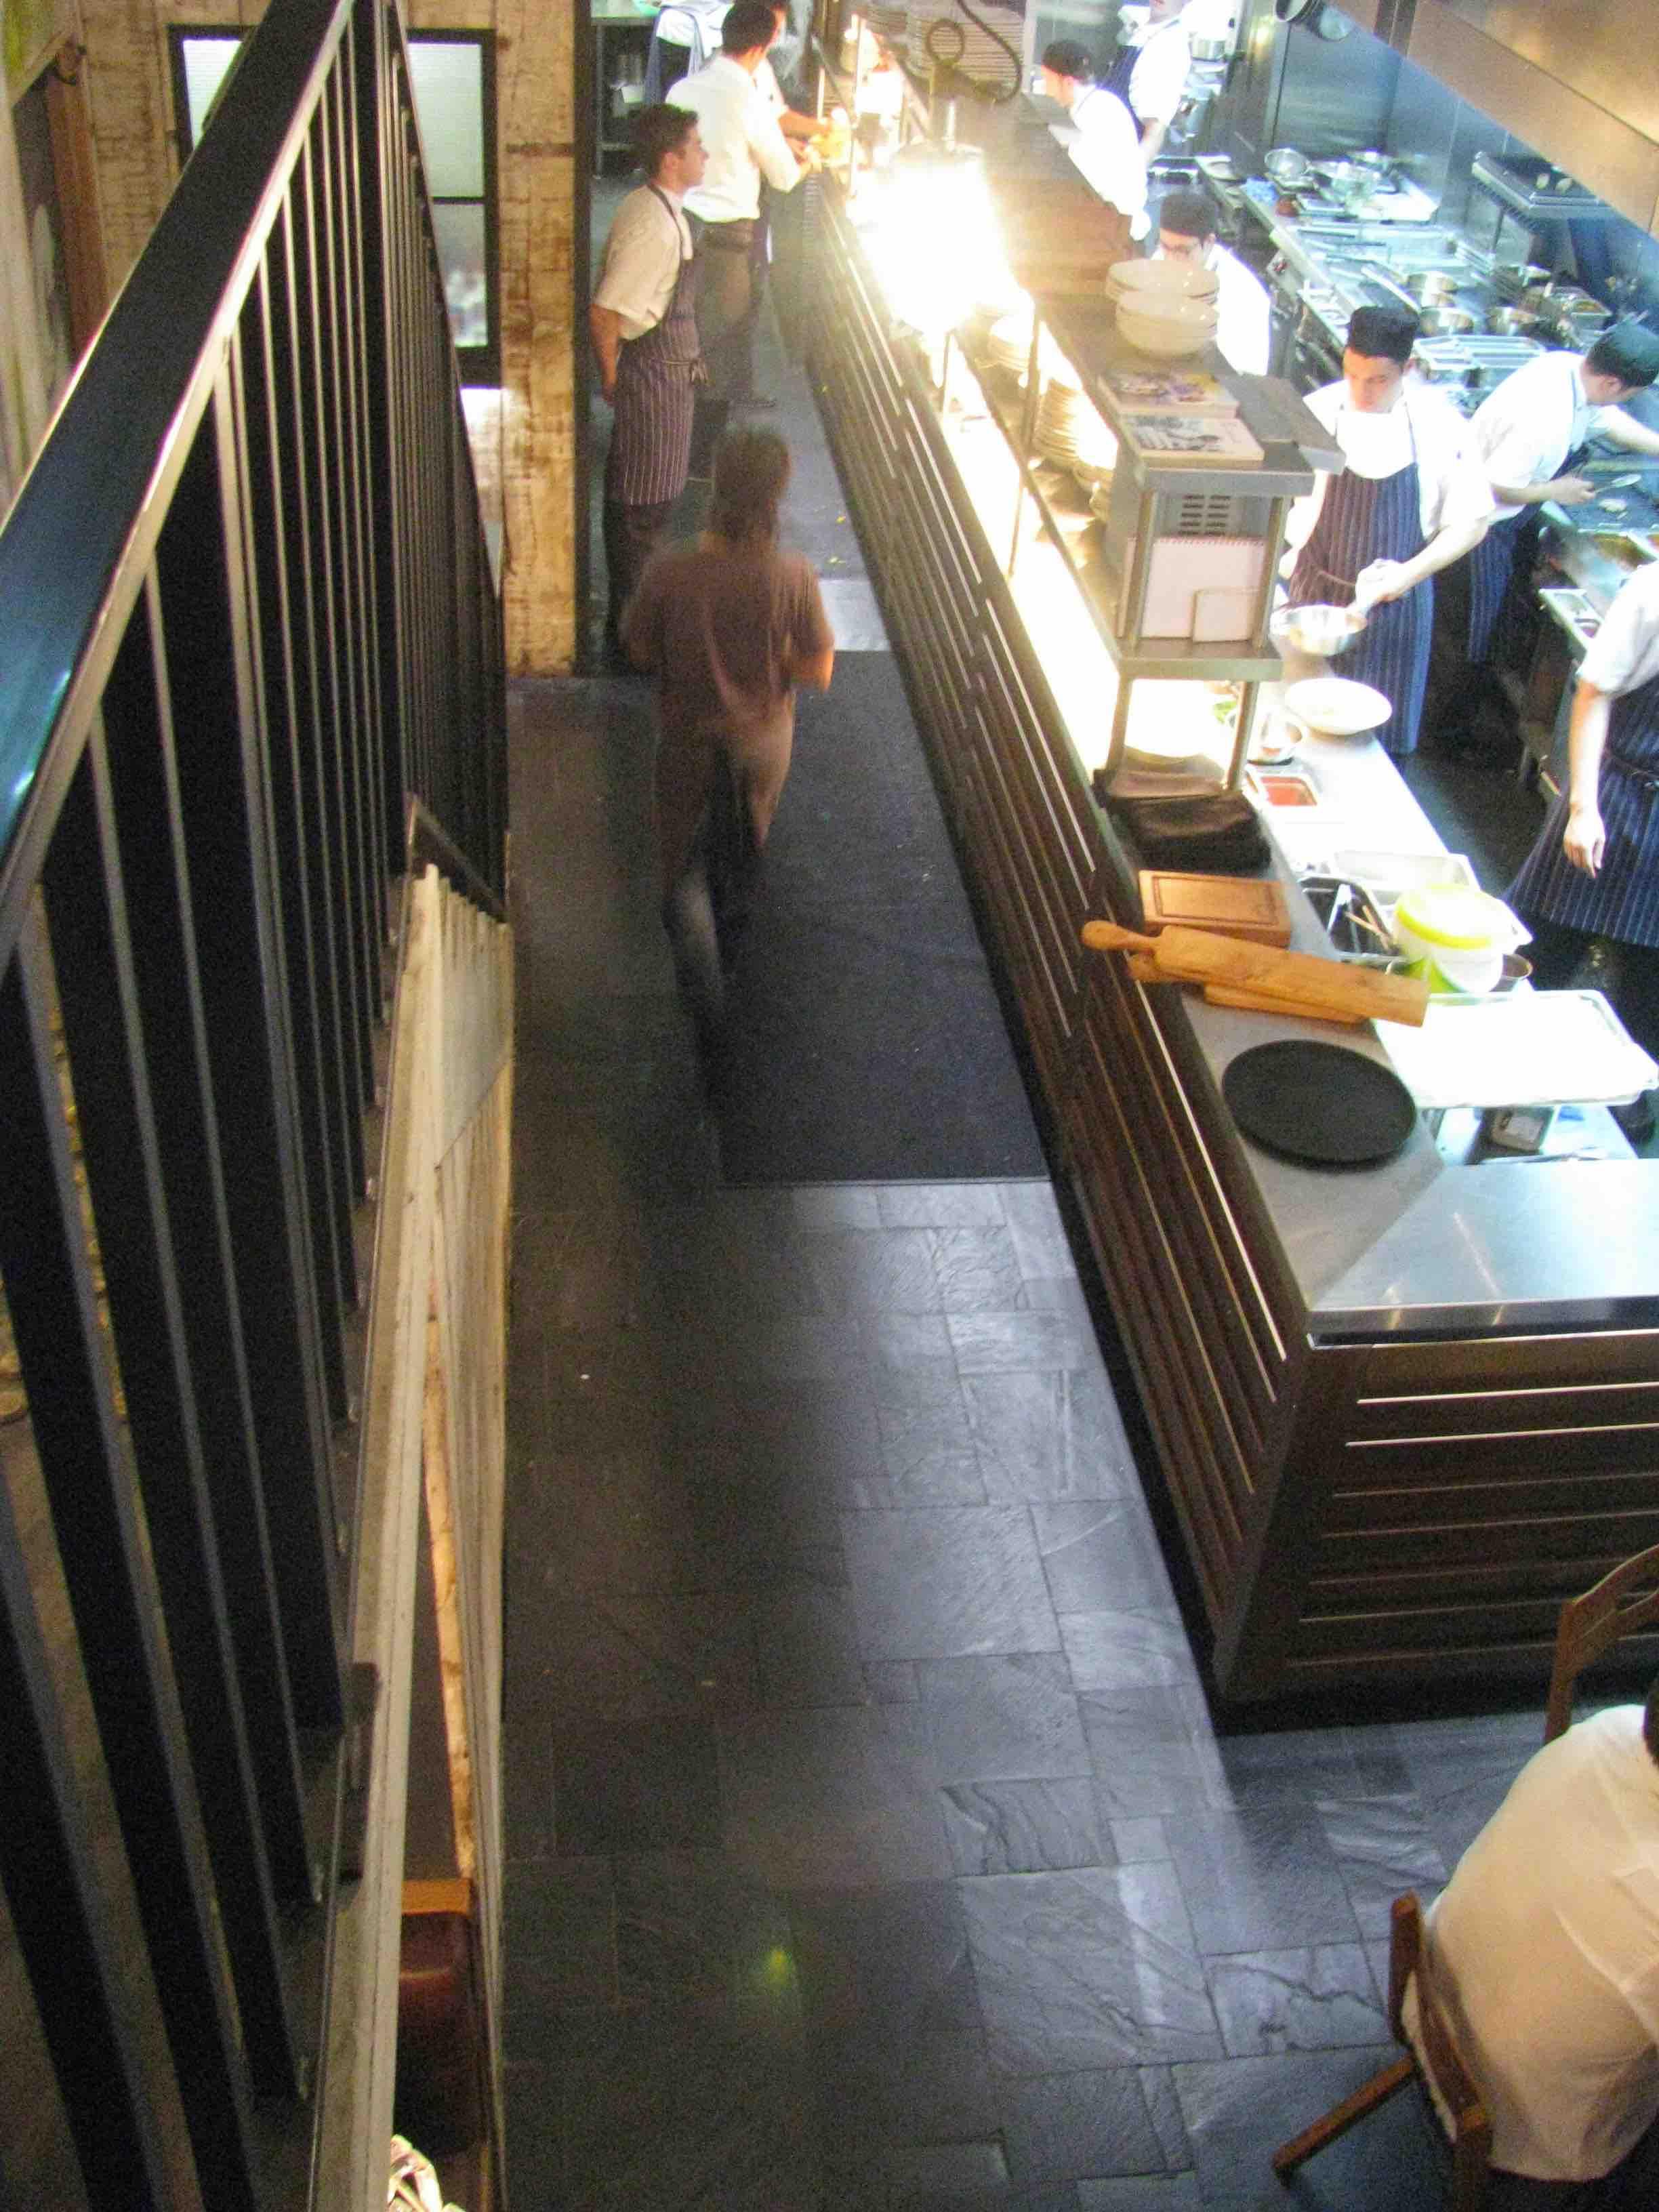 Chinese Black Slate Floor Tiles - Jamie's Italian Restaurant, Sydney